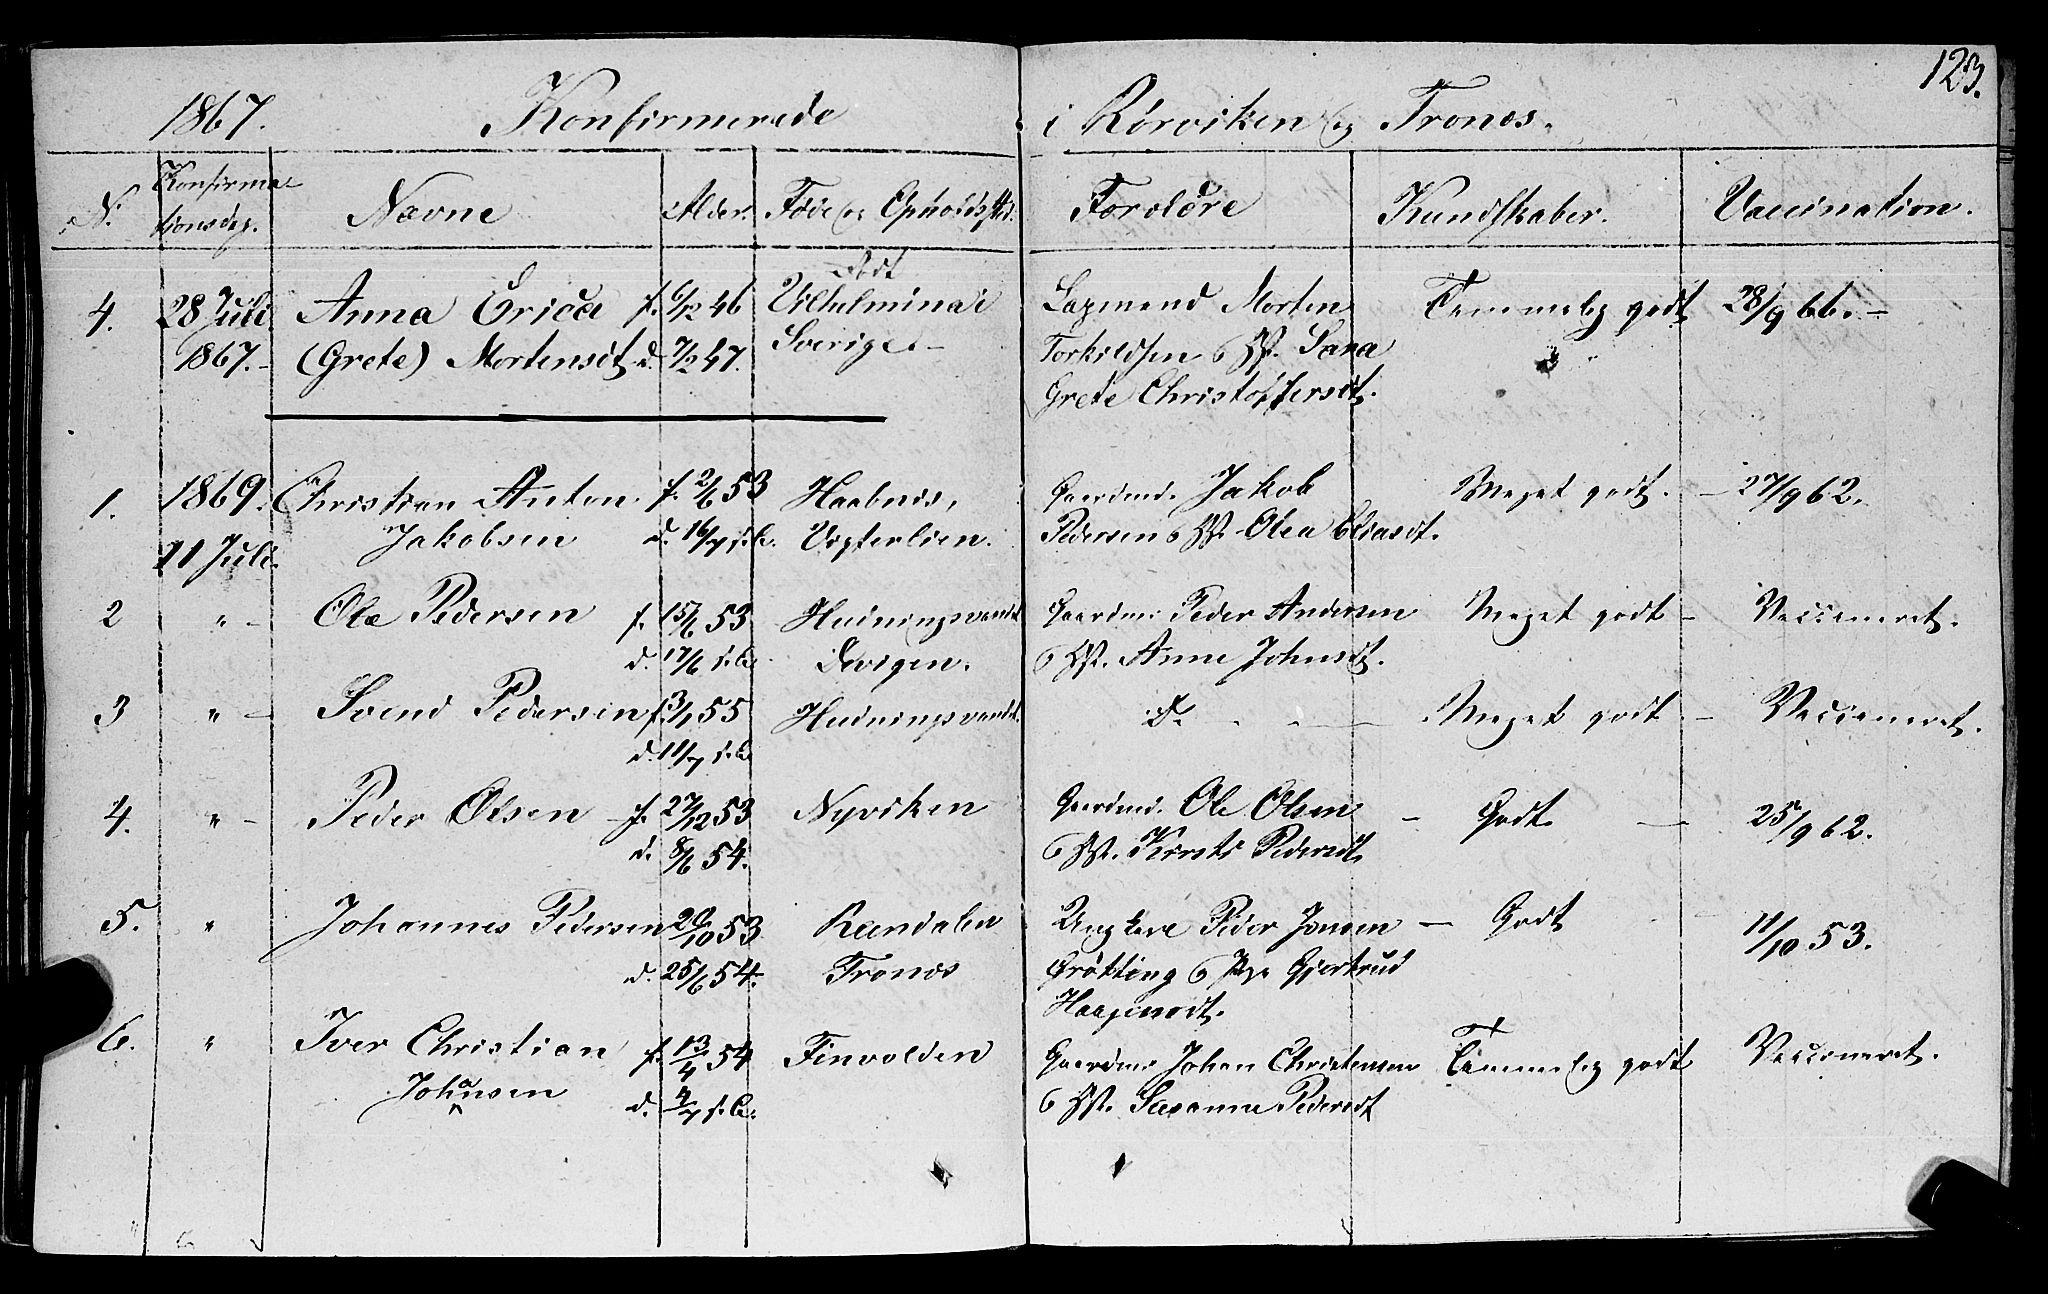 SAT, Ministerialprotokoller, klokkerbøker og fødselsregistre - Nord-Trøndelag, 762/L0538: Ministerialbok nr. 762A02 /1, 1833-1879, s. 123